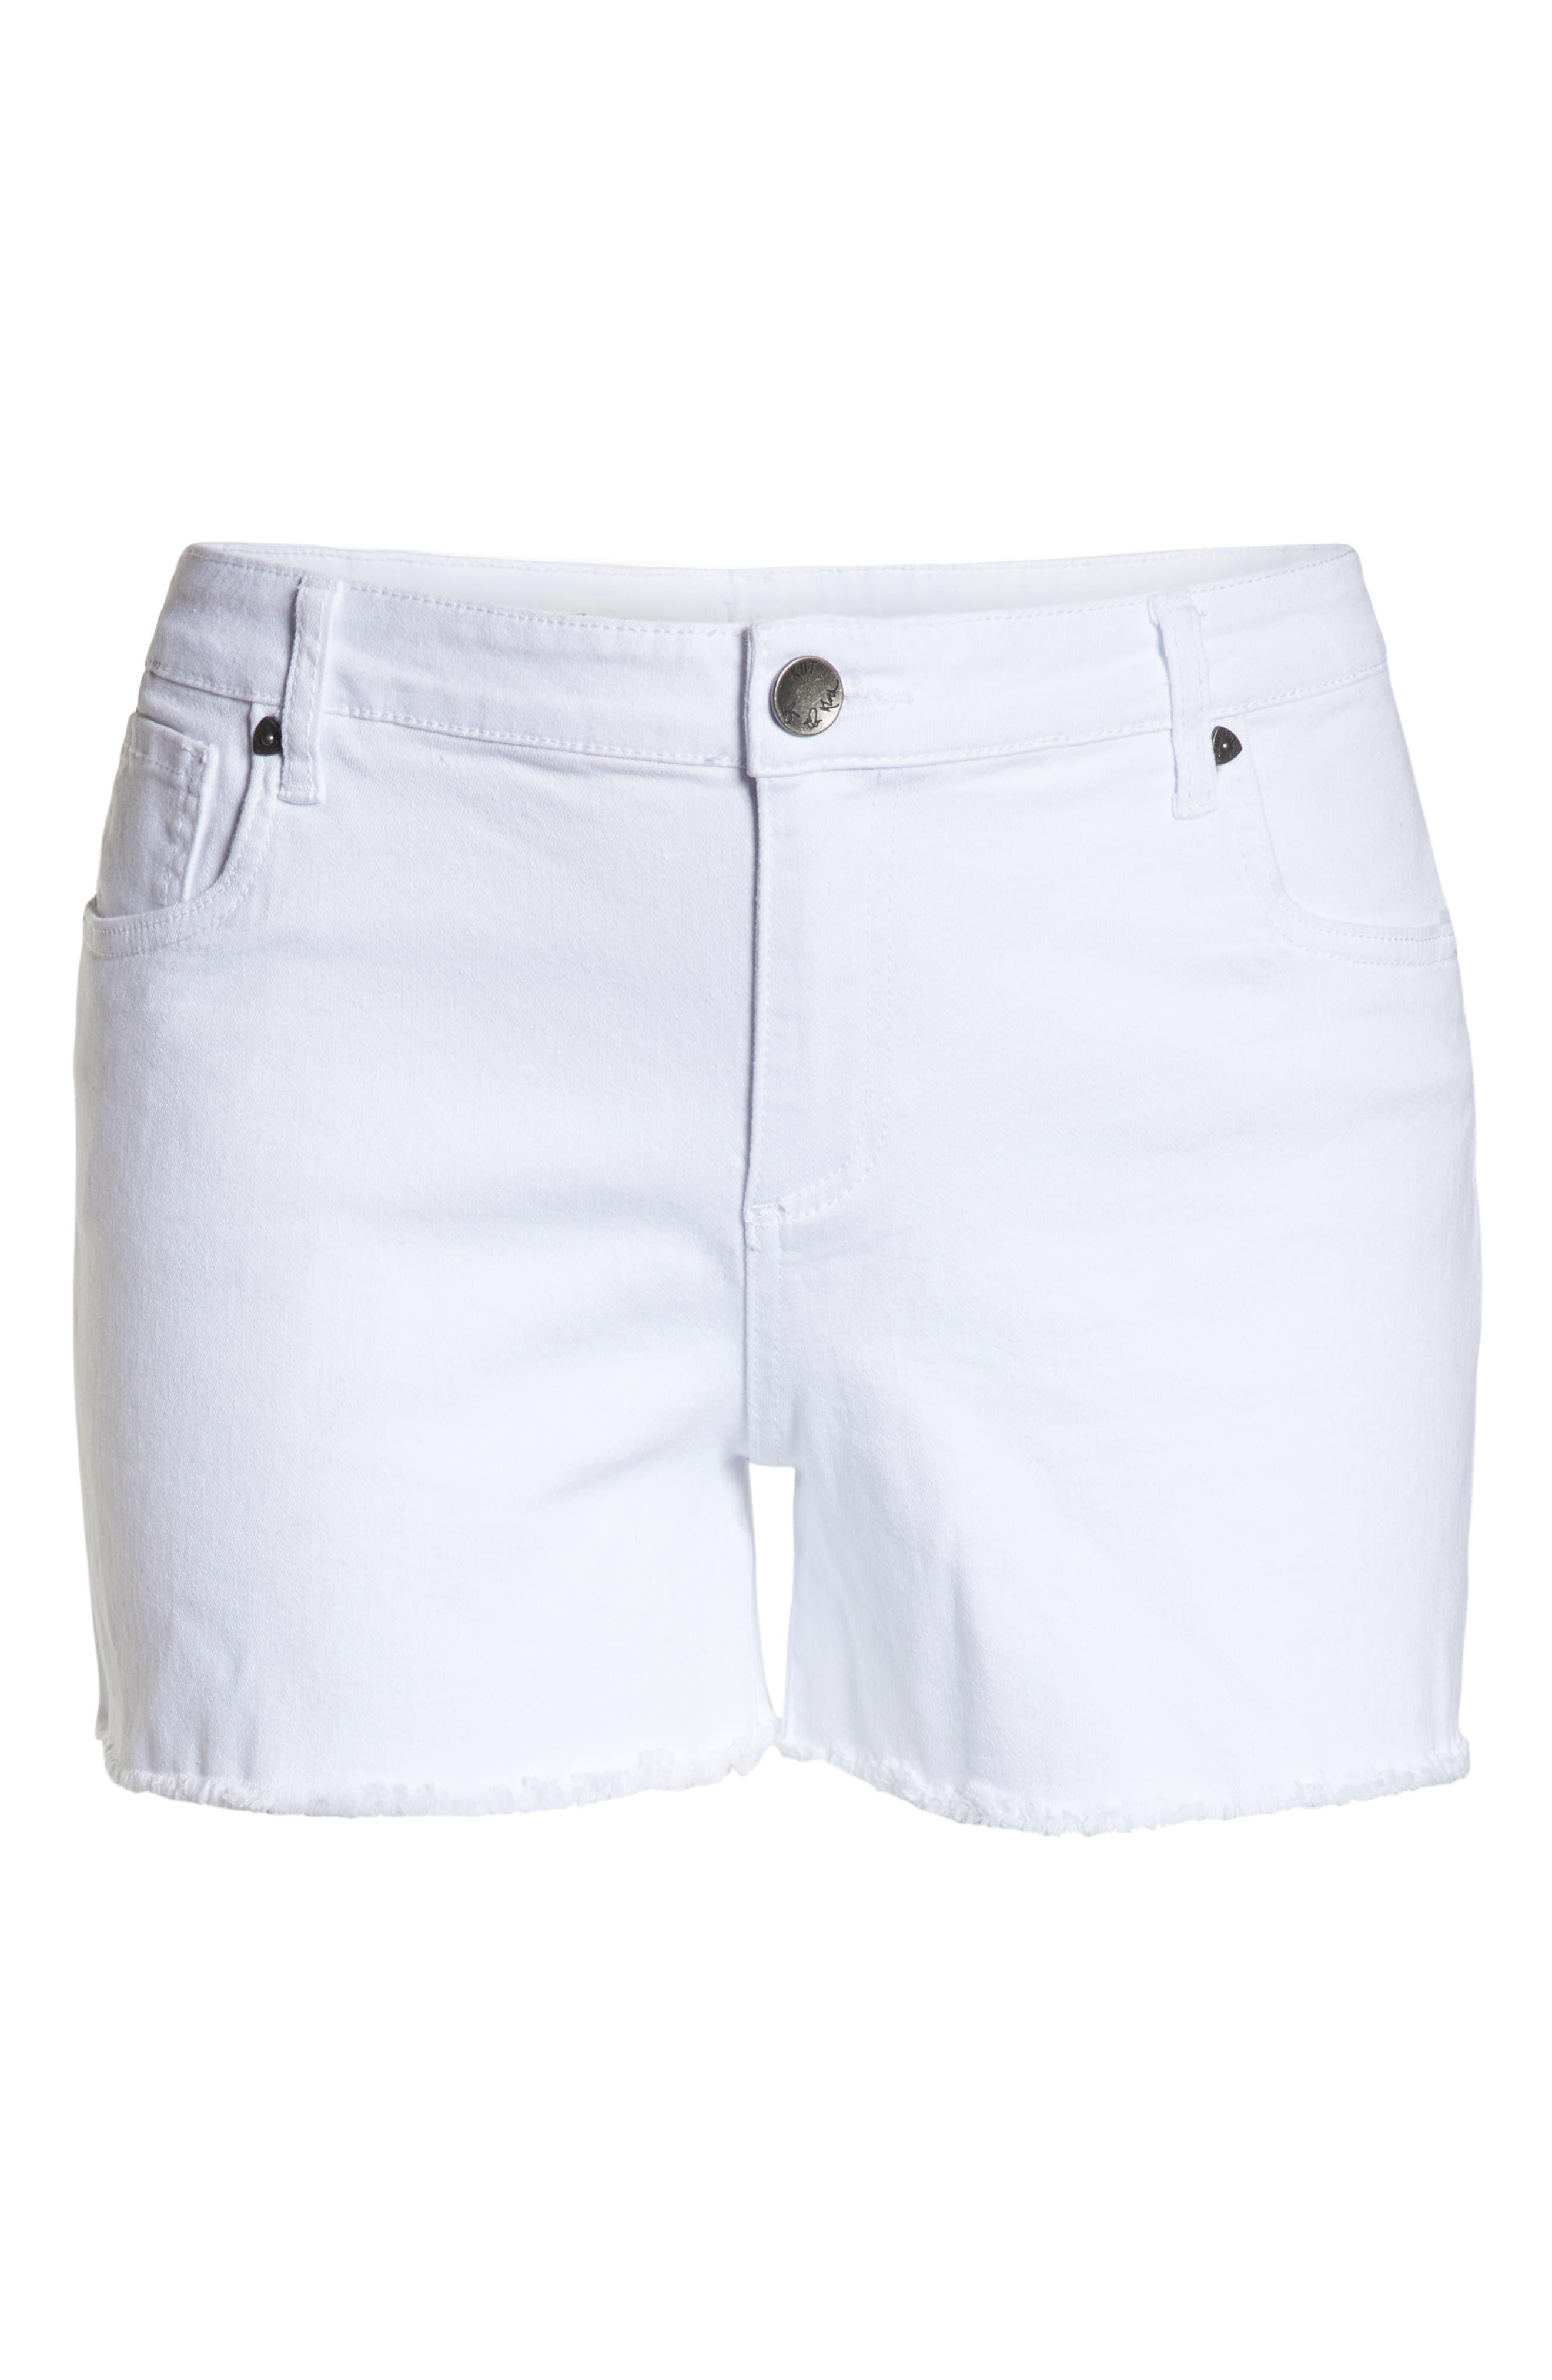 Gidget Raw Hem Shorts,                             Alternate thumbnail 8, color,                             OPTIC WHITE